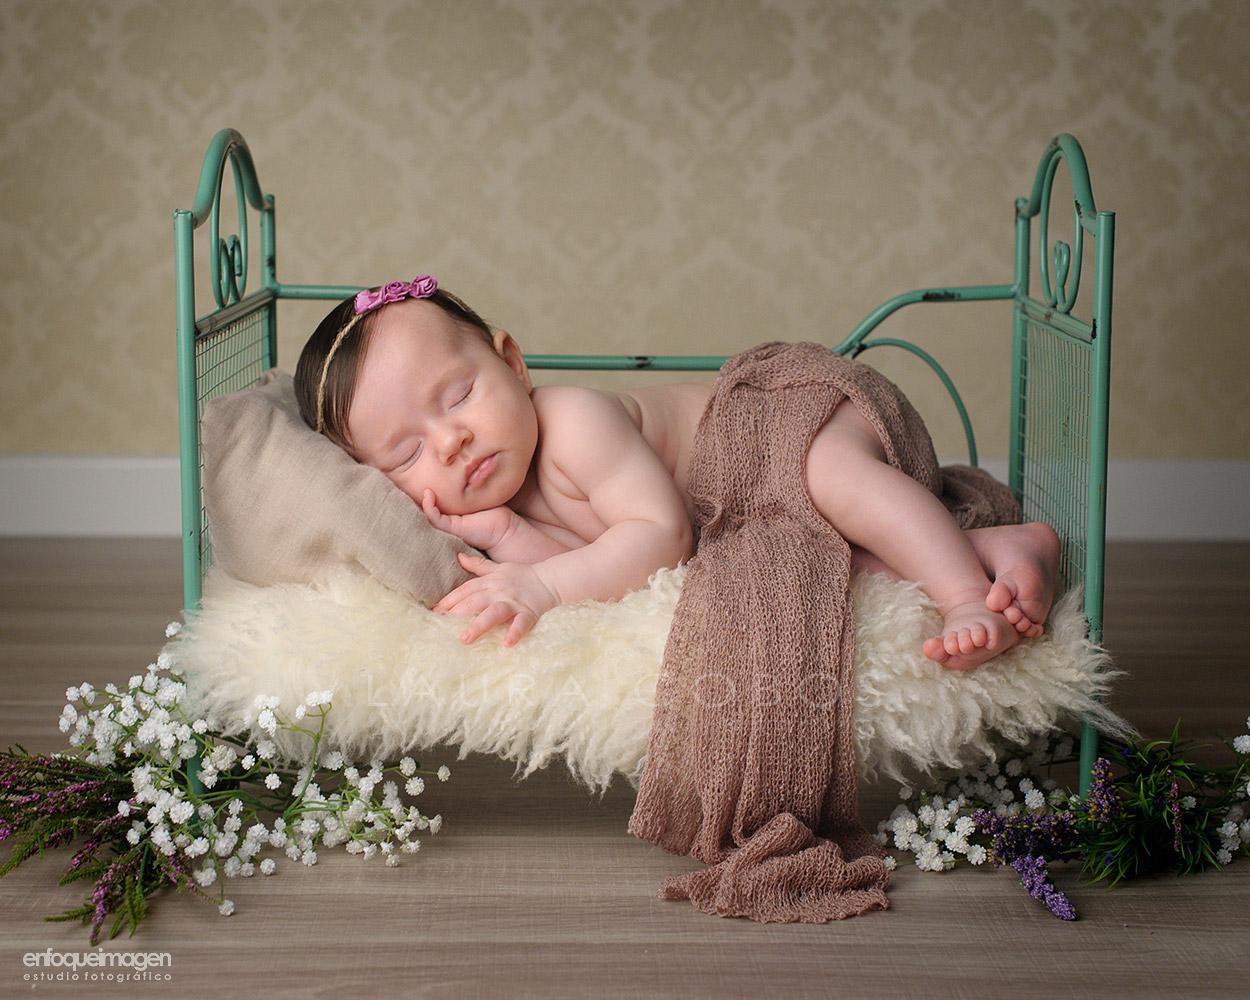 fotografía de bebés Málaga, reportaje de recién nacido, fotografía infantil